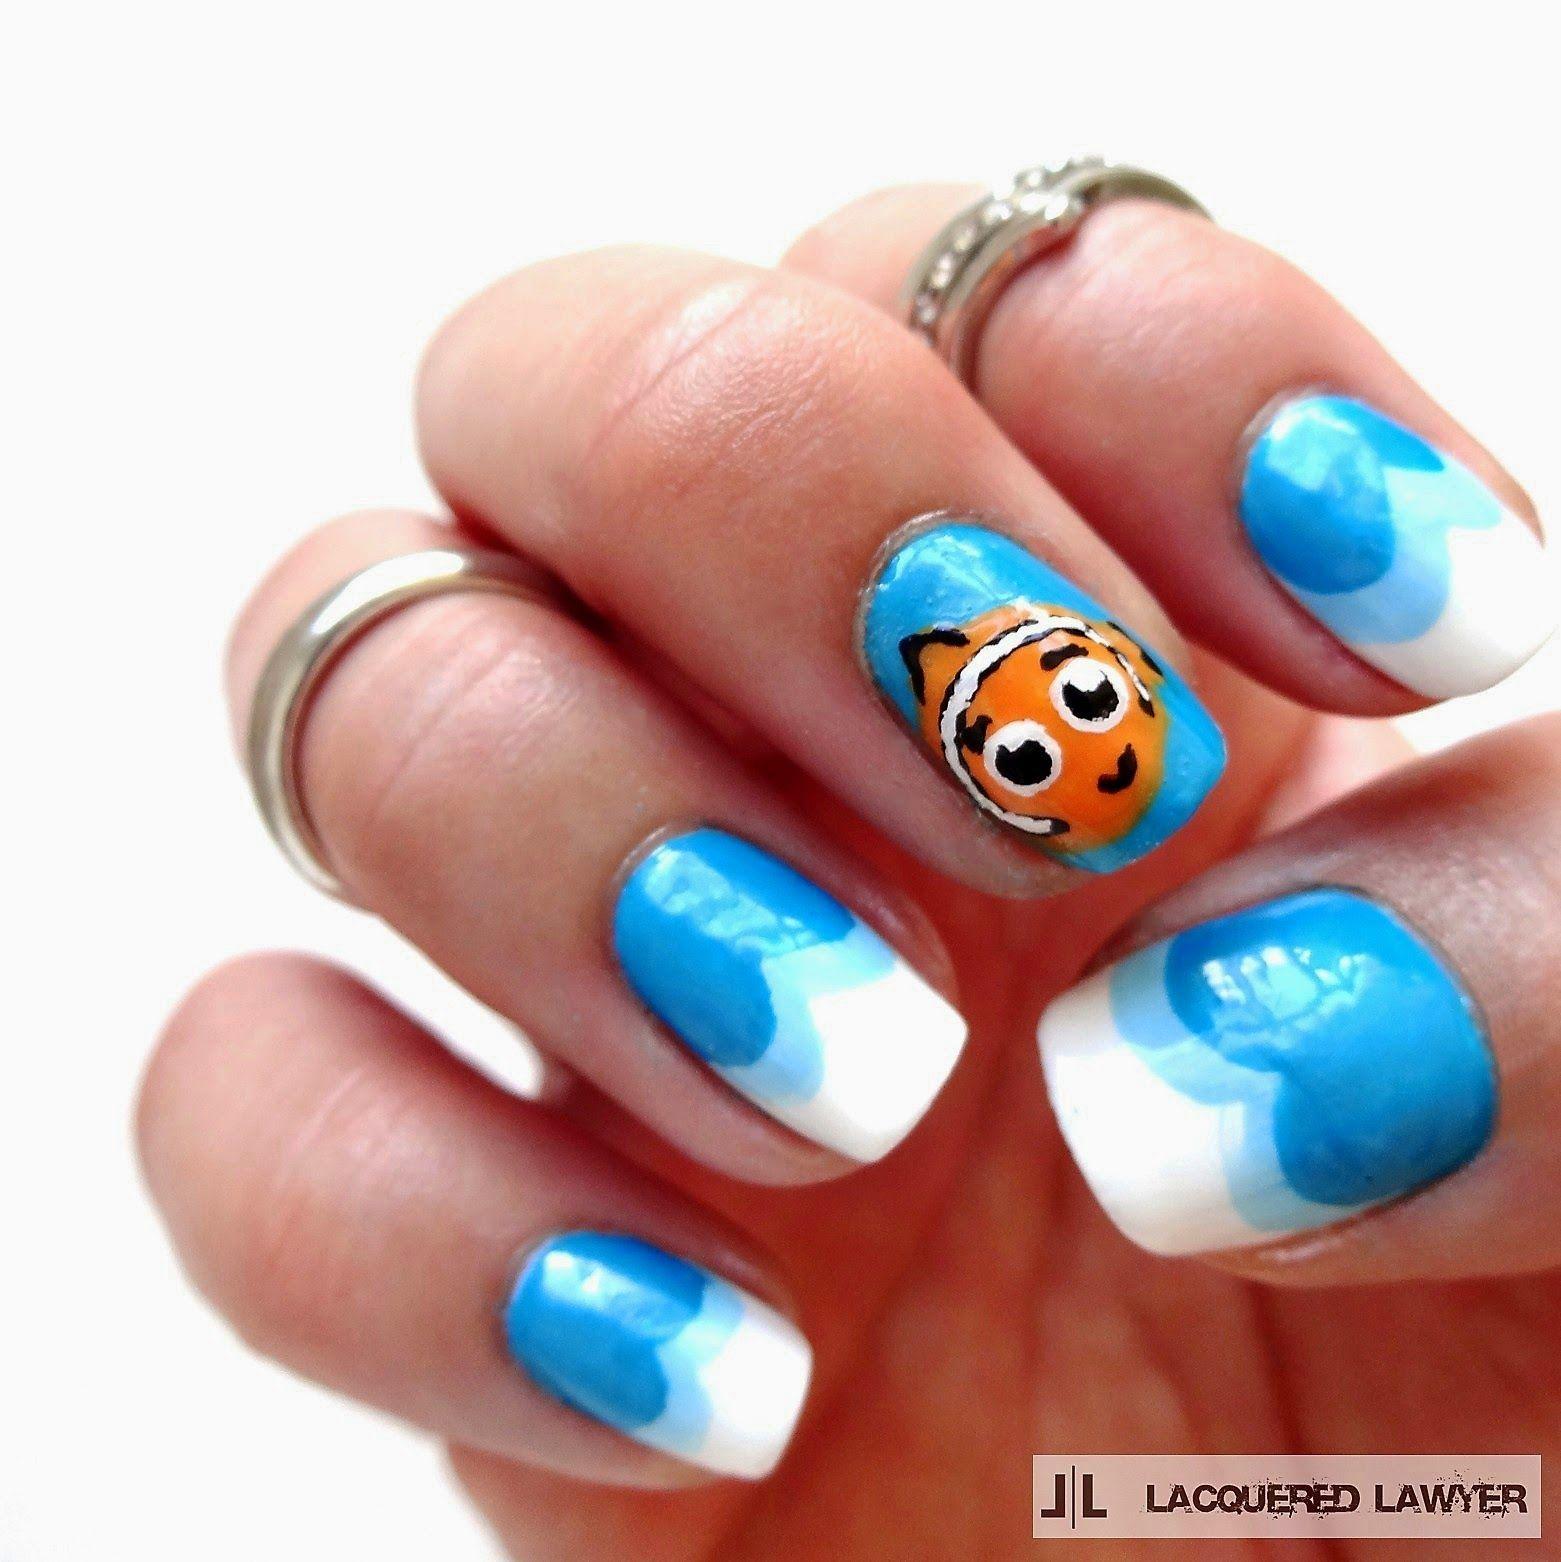 Finding Nemo Nails | Karneval und Nageldesign